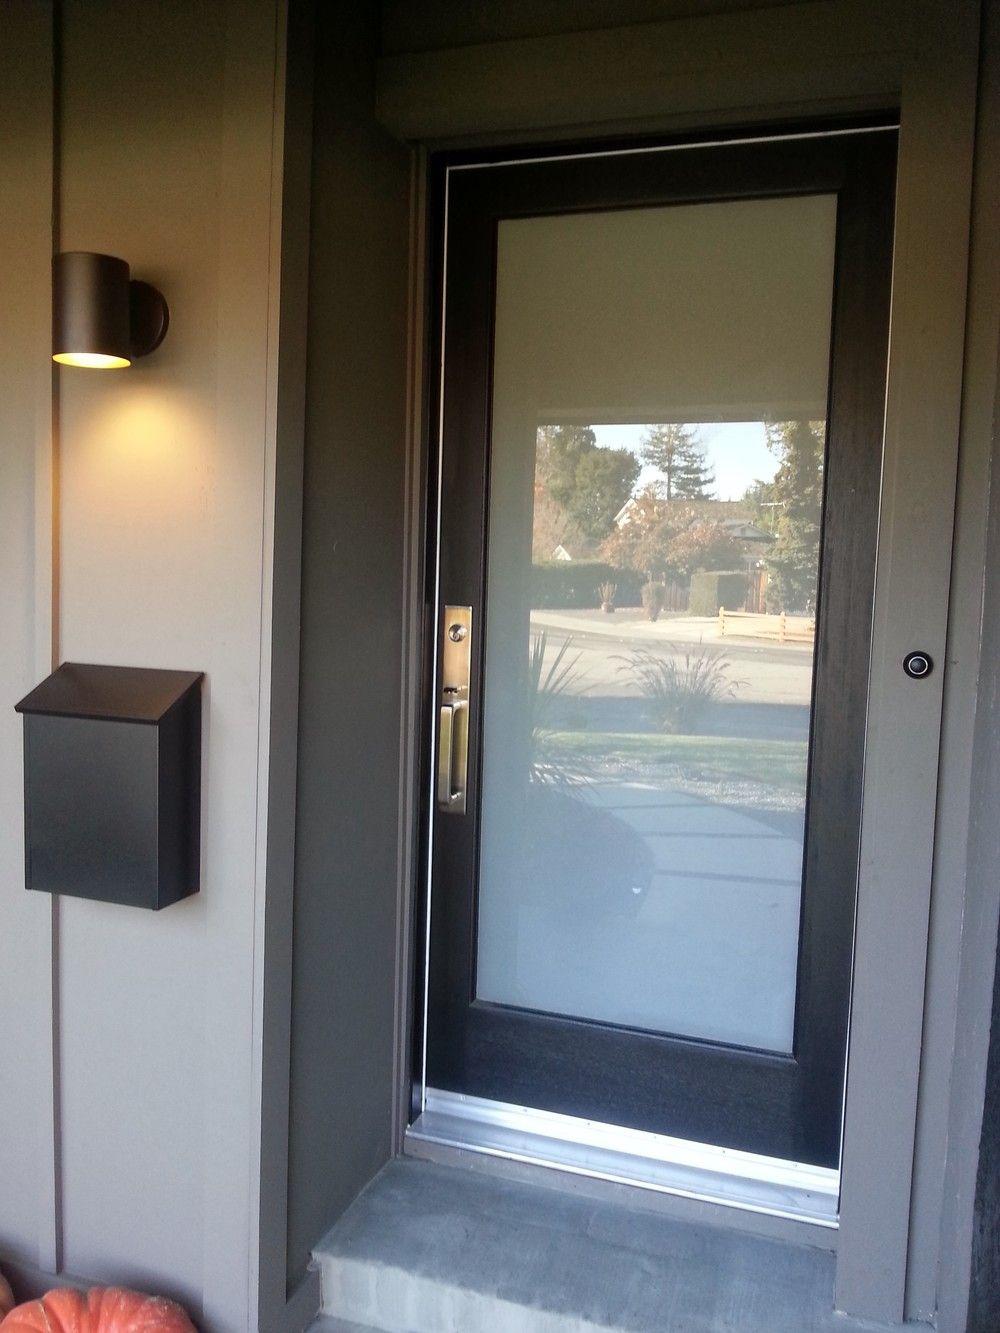 Electrical Panel Replacement Door